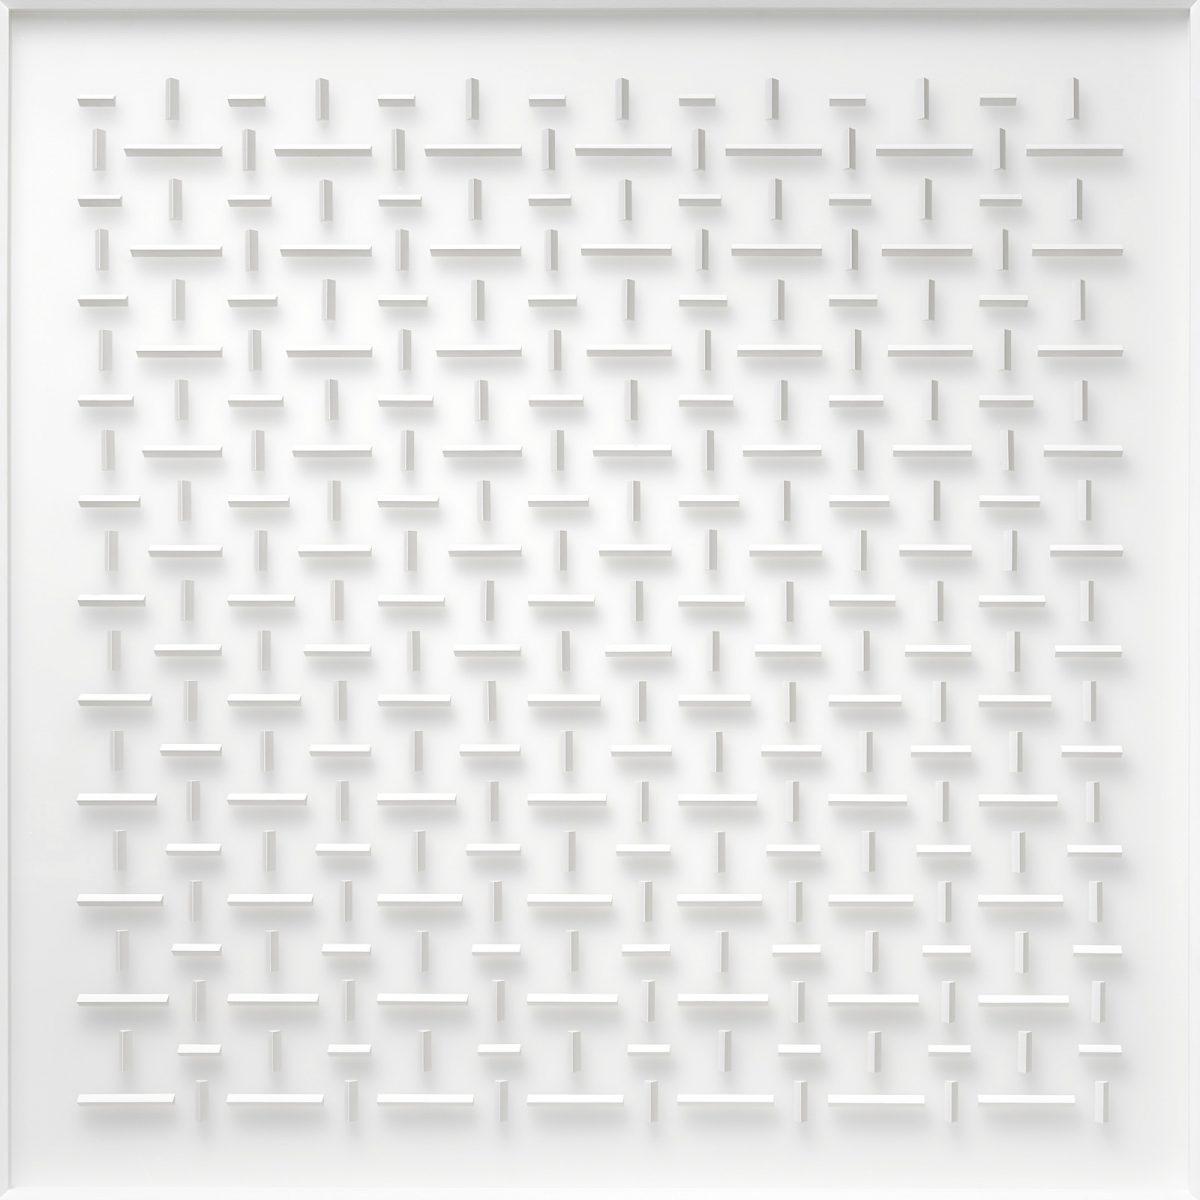 19 Klaus Staudt, übereinstimmend, 2017, 120 x 120 x 7cm, Holz, Acrylfarbe, Plexiglas; Foto: Norbert Miguletz